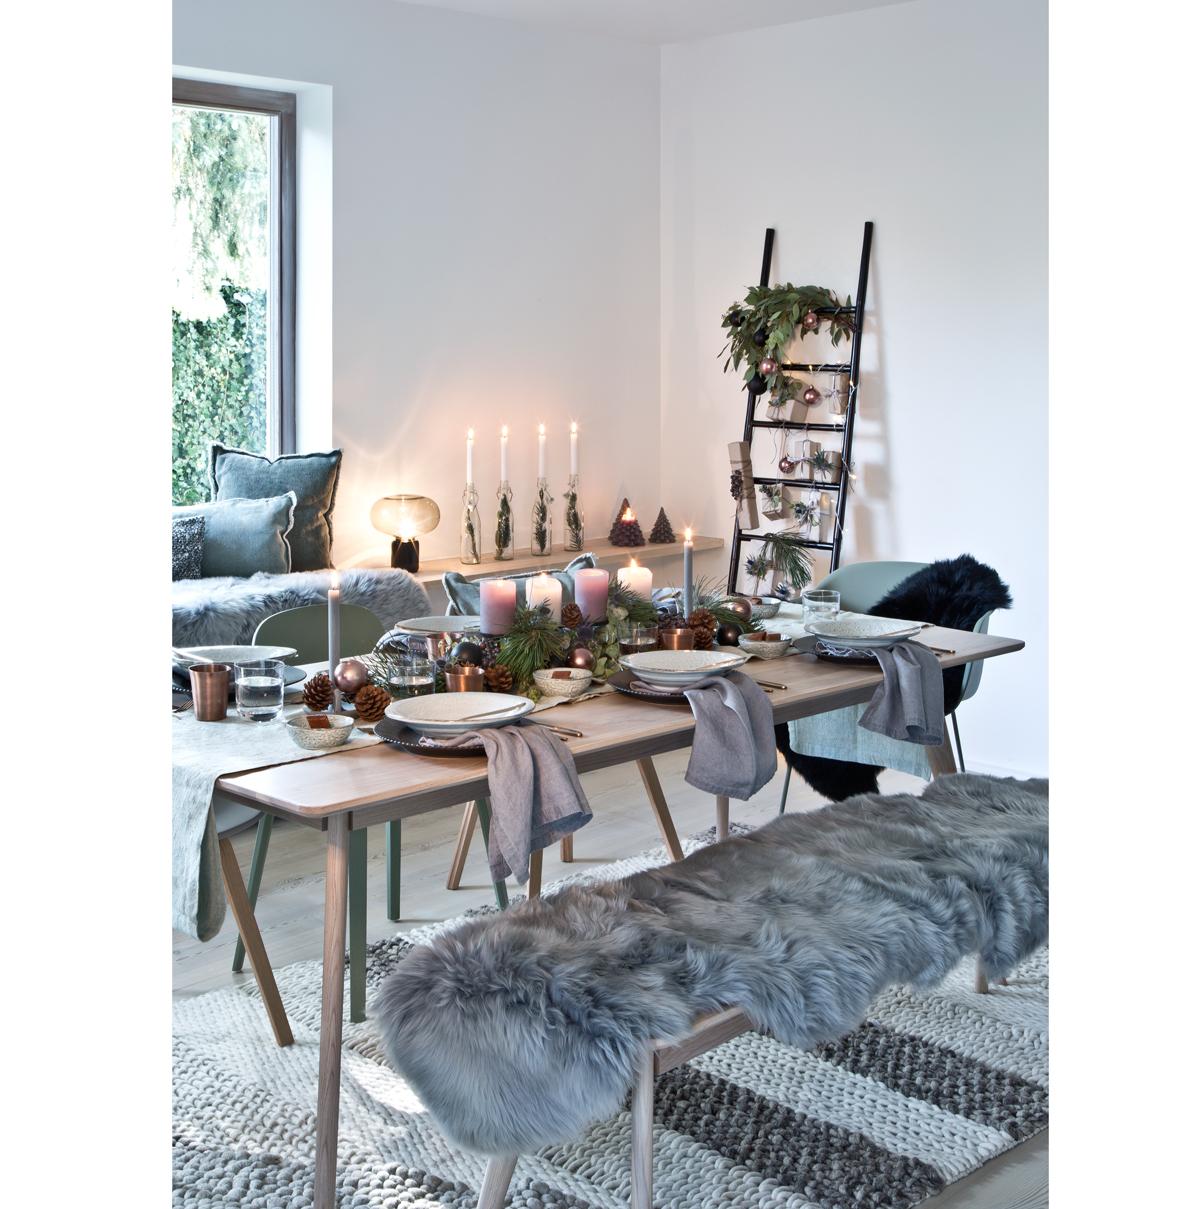 sviatočne prestretý stôl s adventným vencom, sviečkami a taniermi,, pri stole je drevená lavica s kožušinou